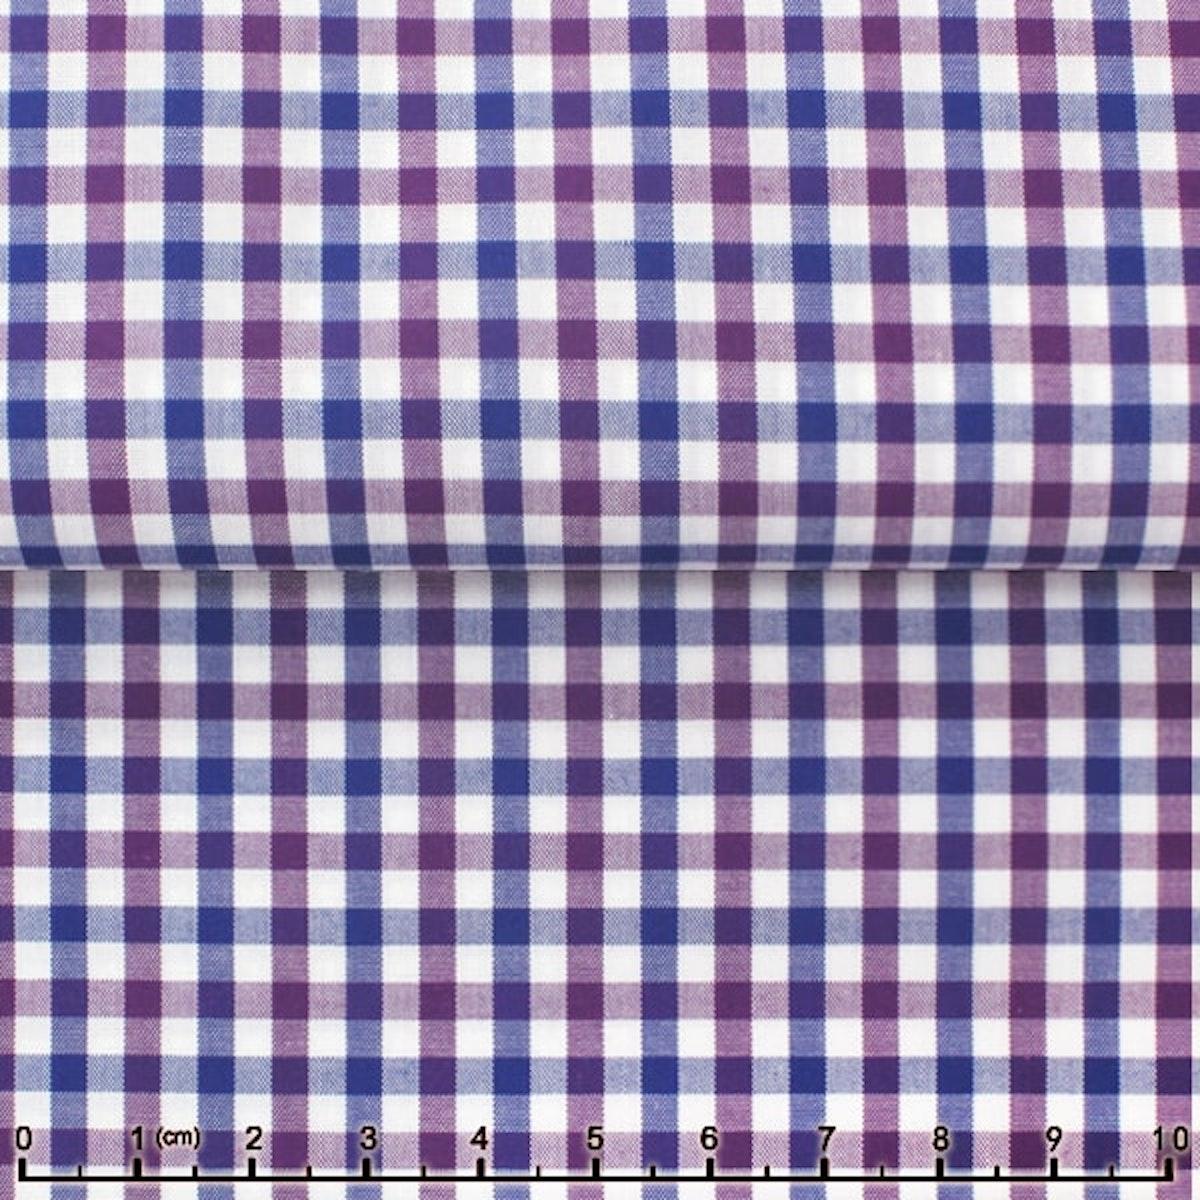 InStitchu Shirt Fabric 307